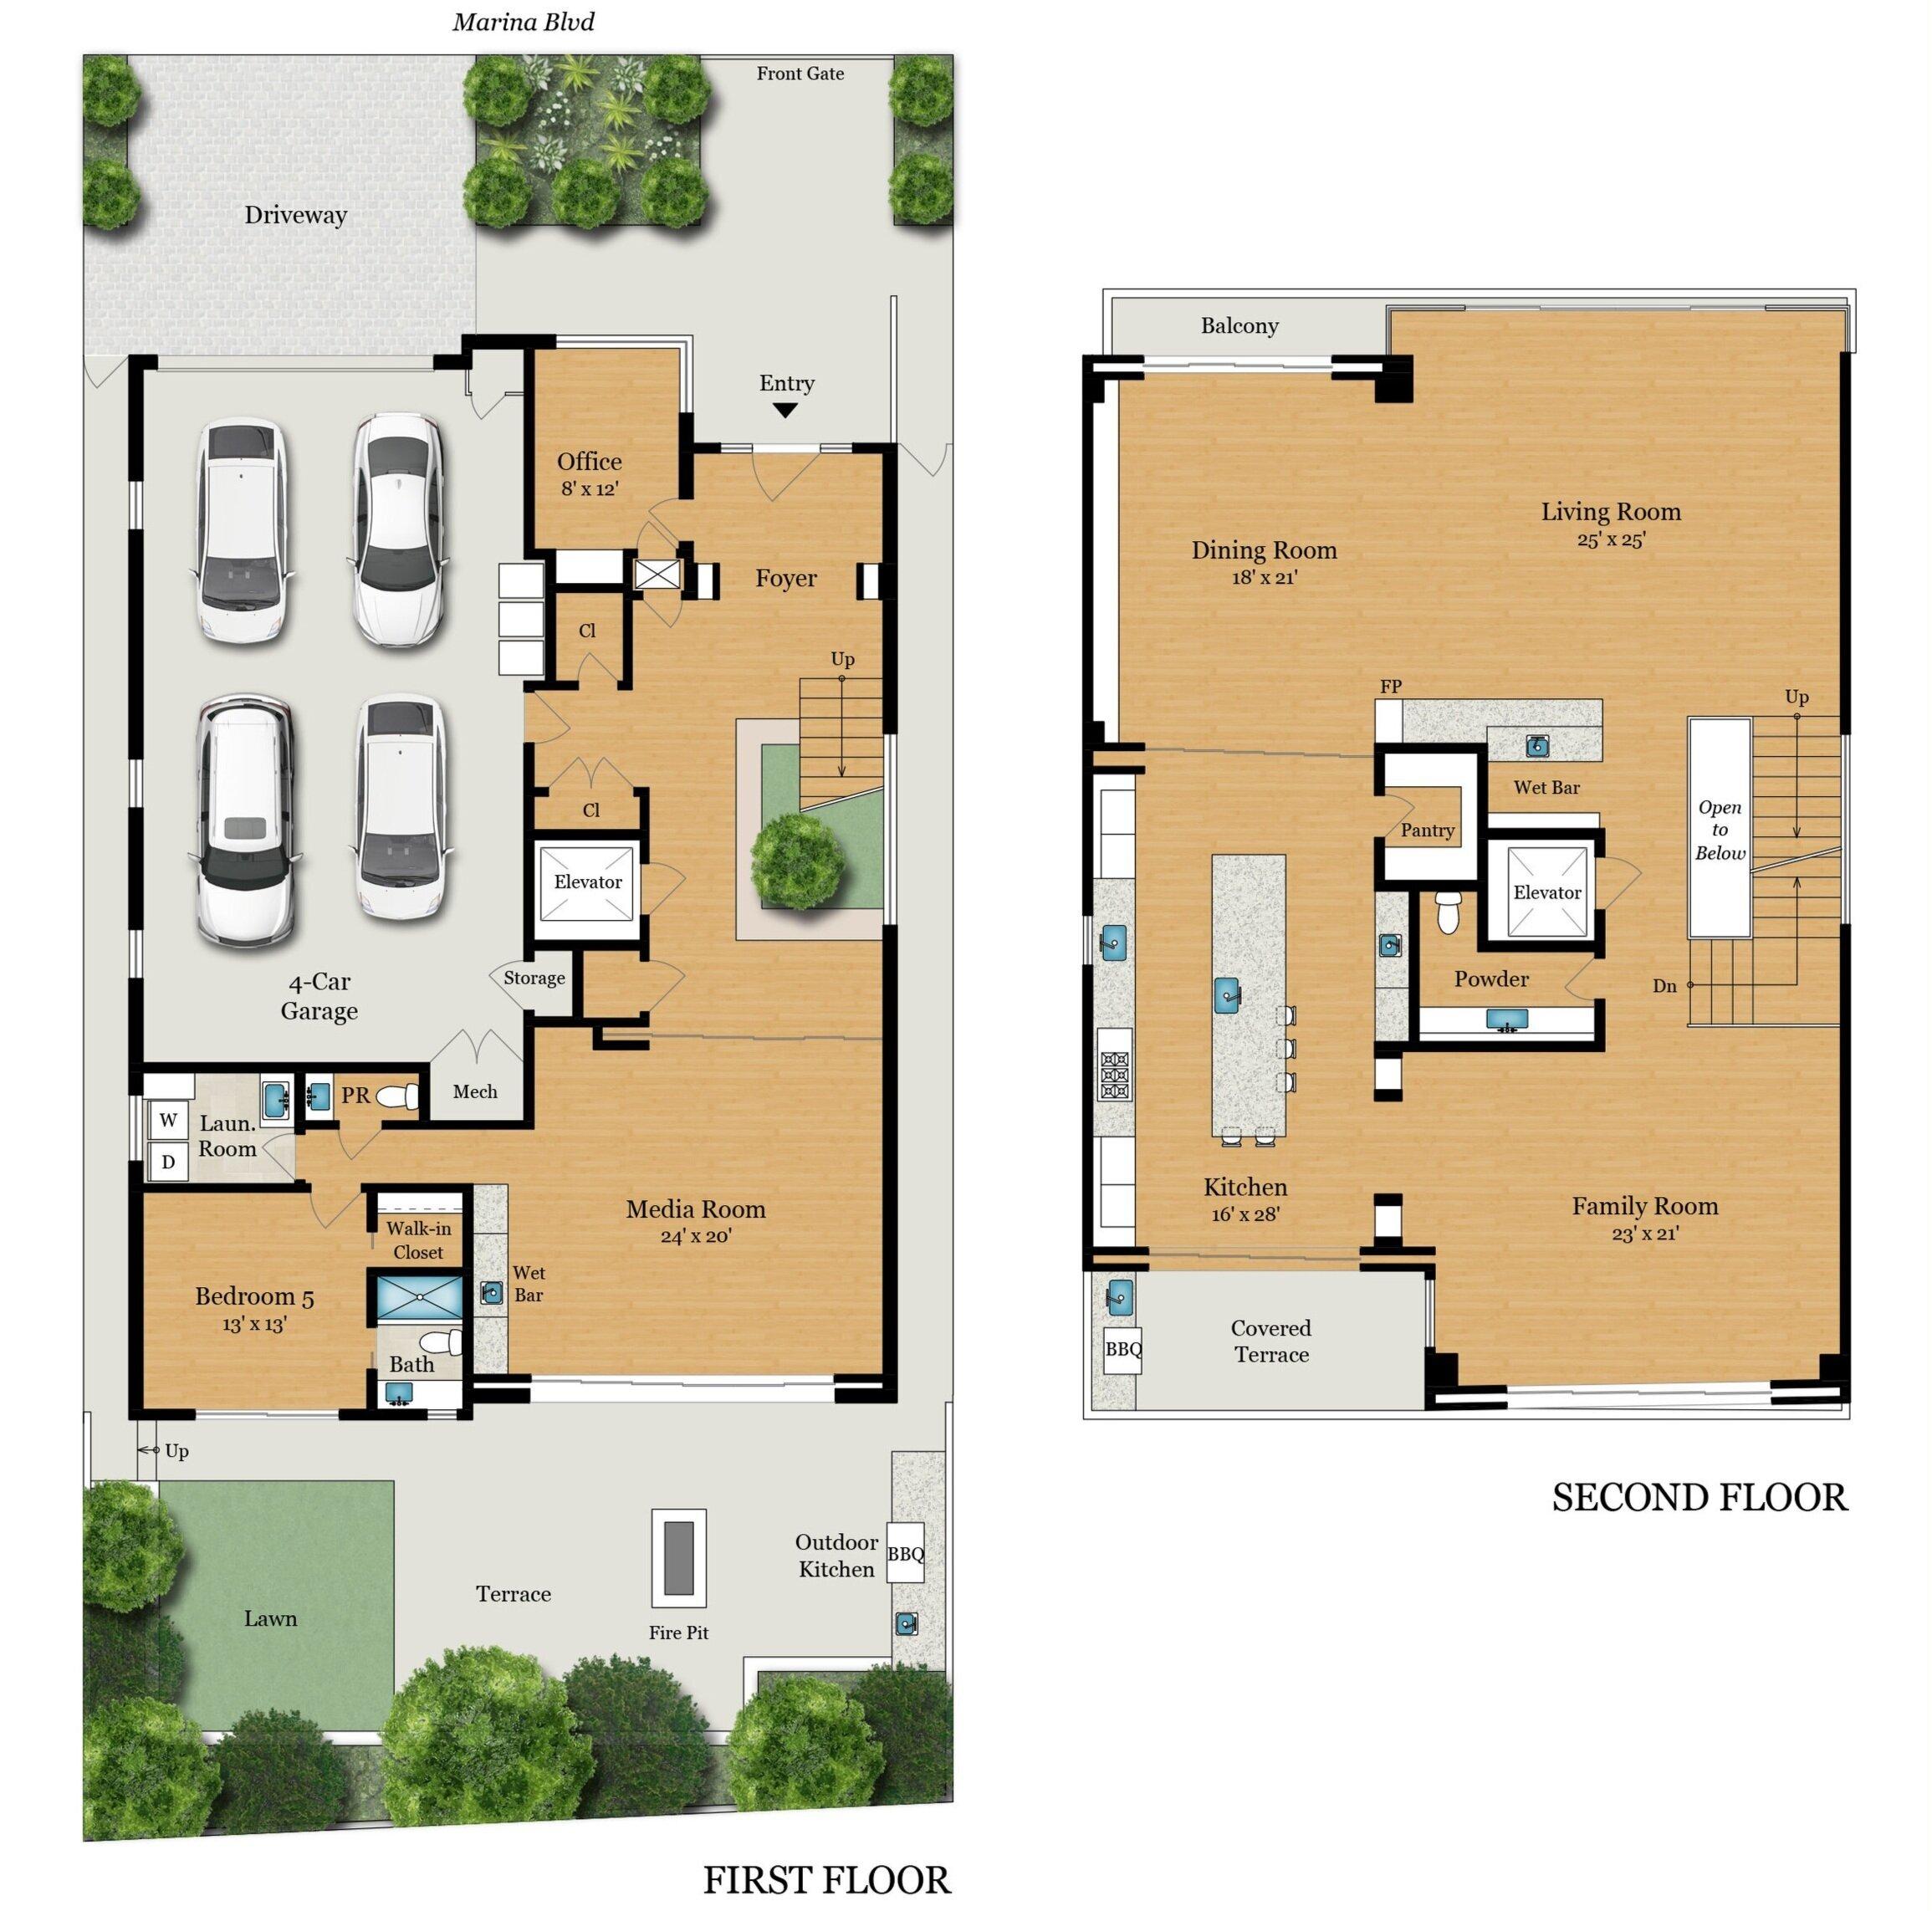 Floor Plans 435 Marina Blvd